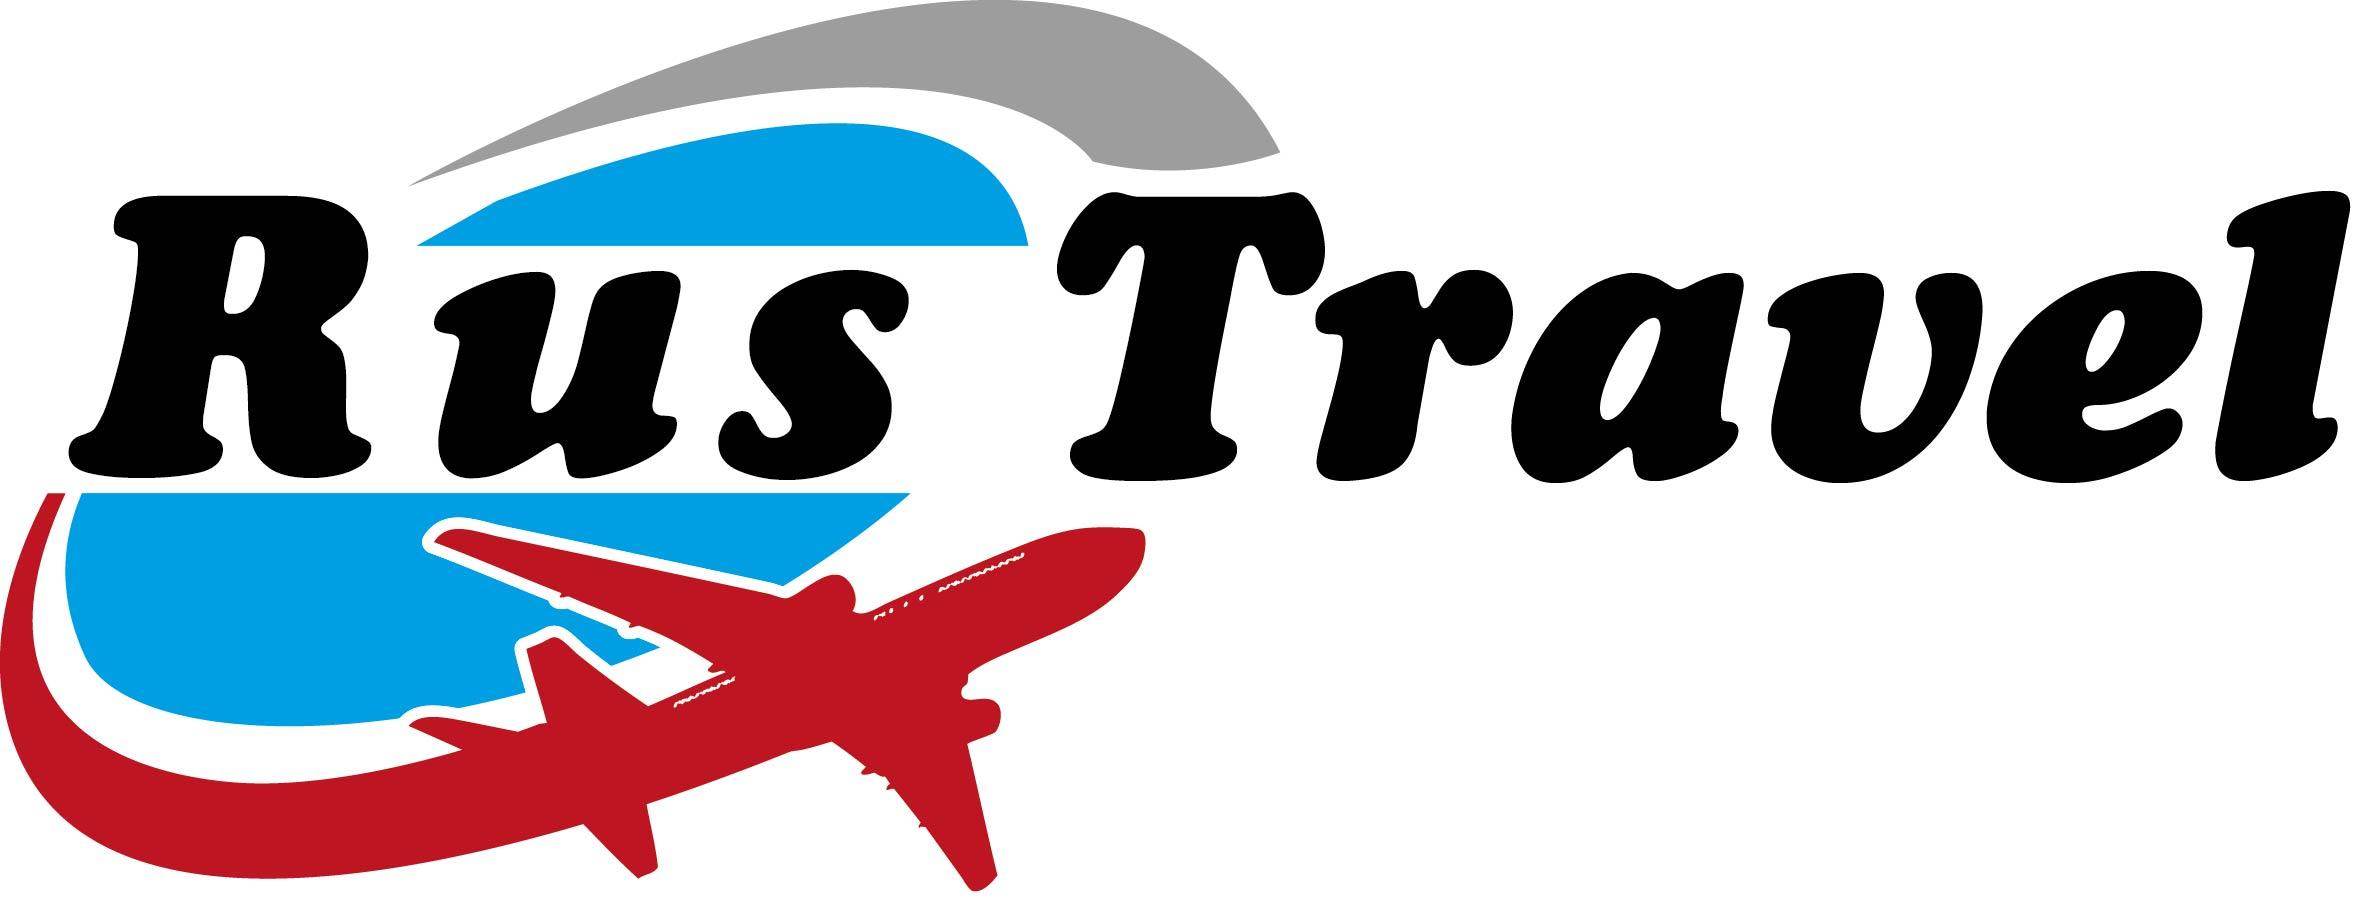 Разработка логотипа фото f_2175b3dbf1bea0ad.jpg